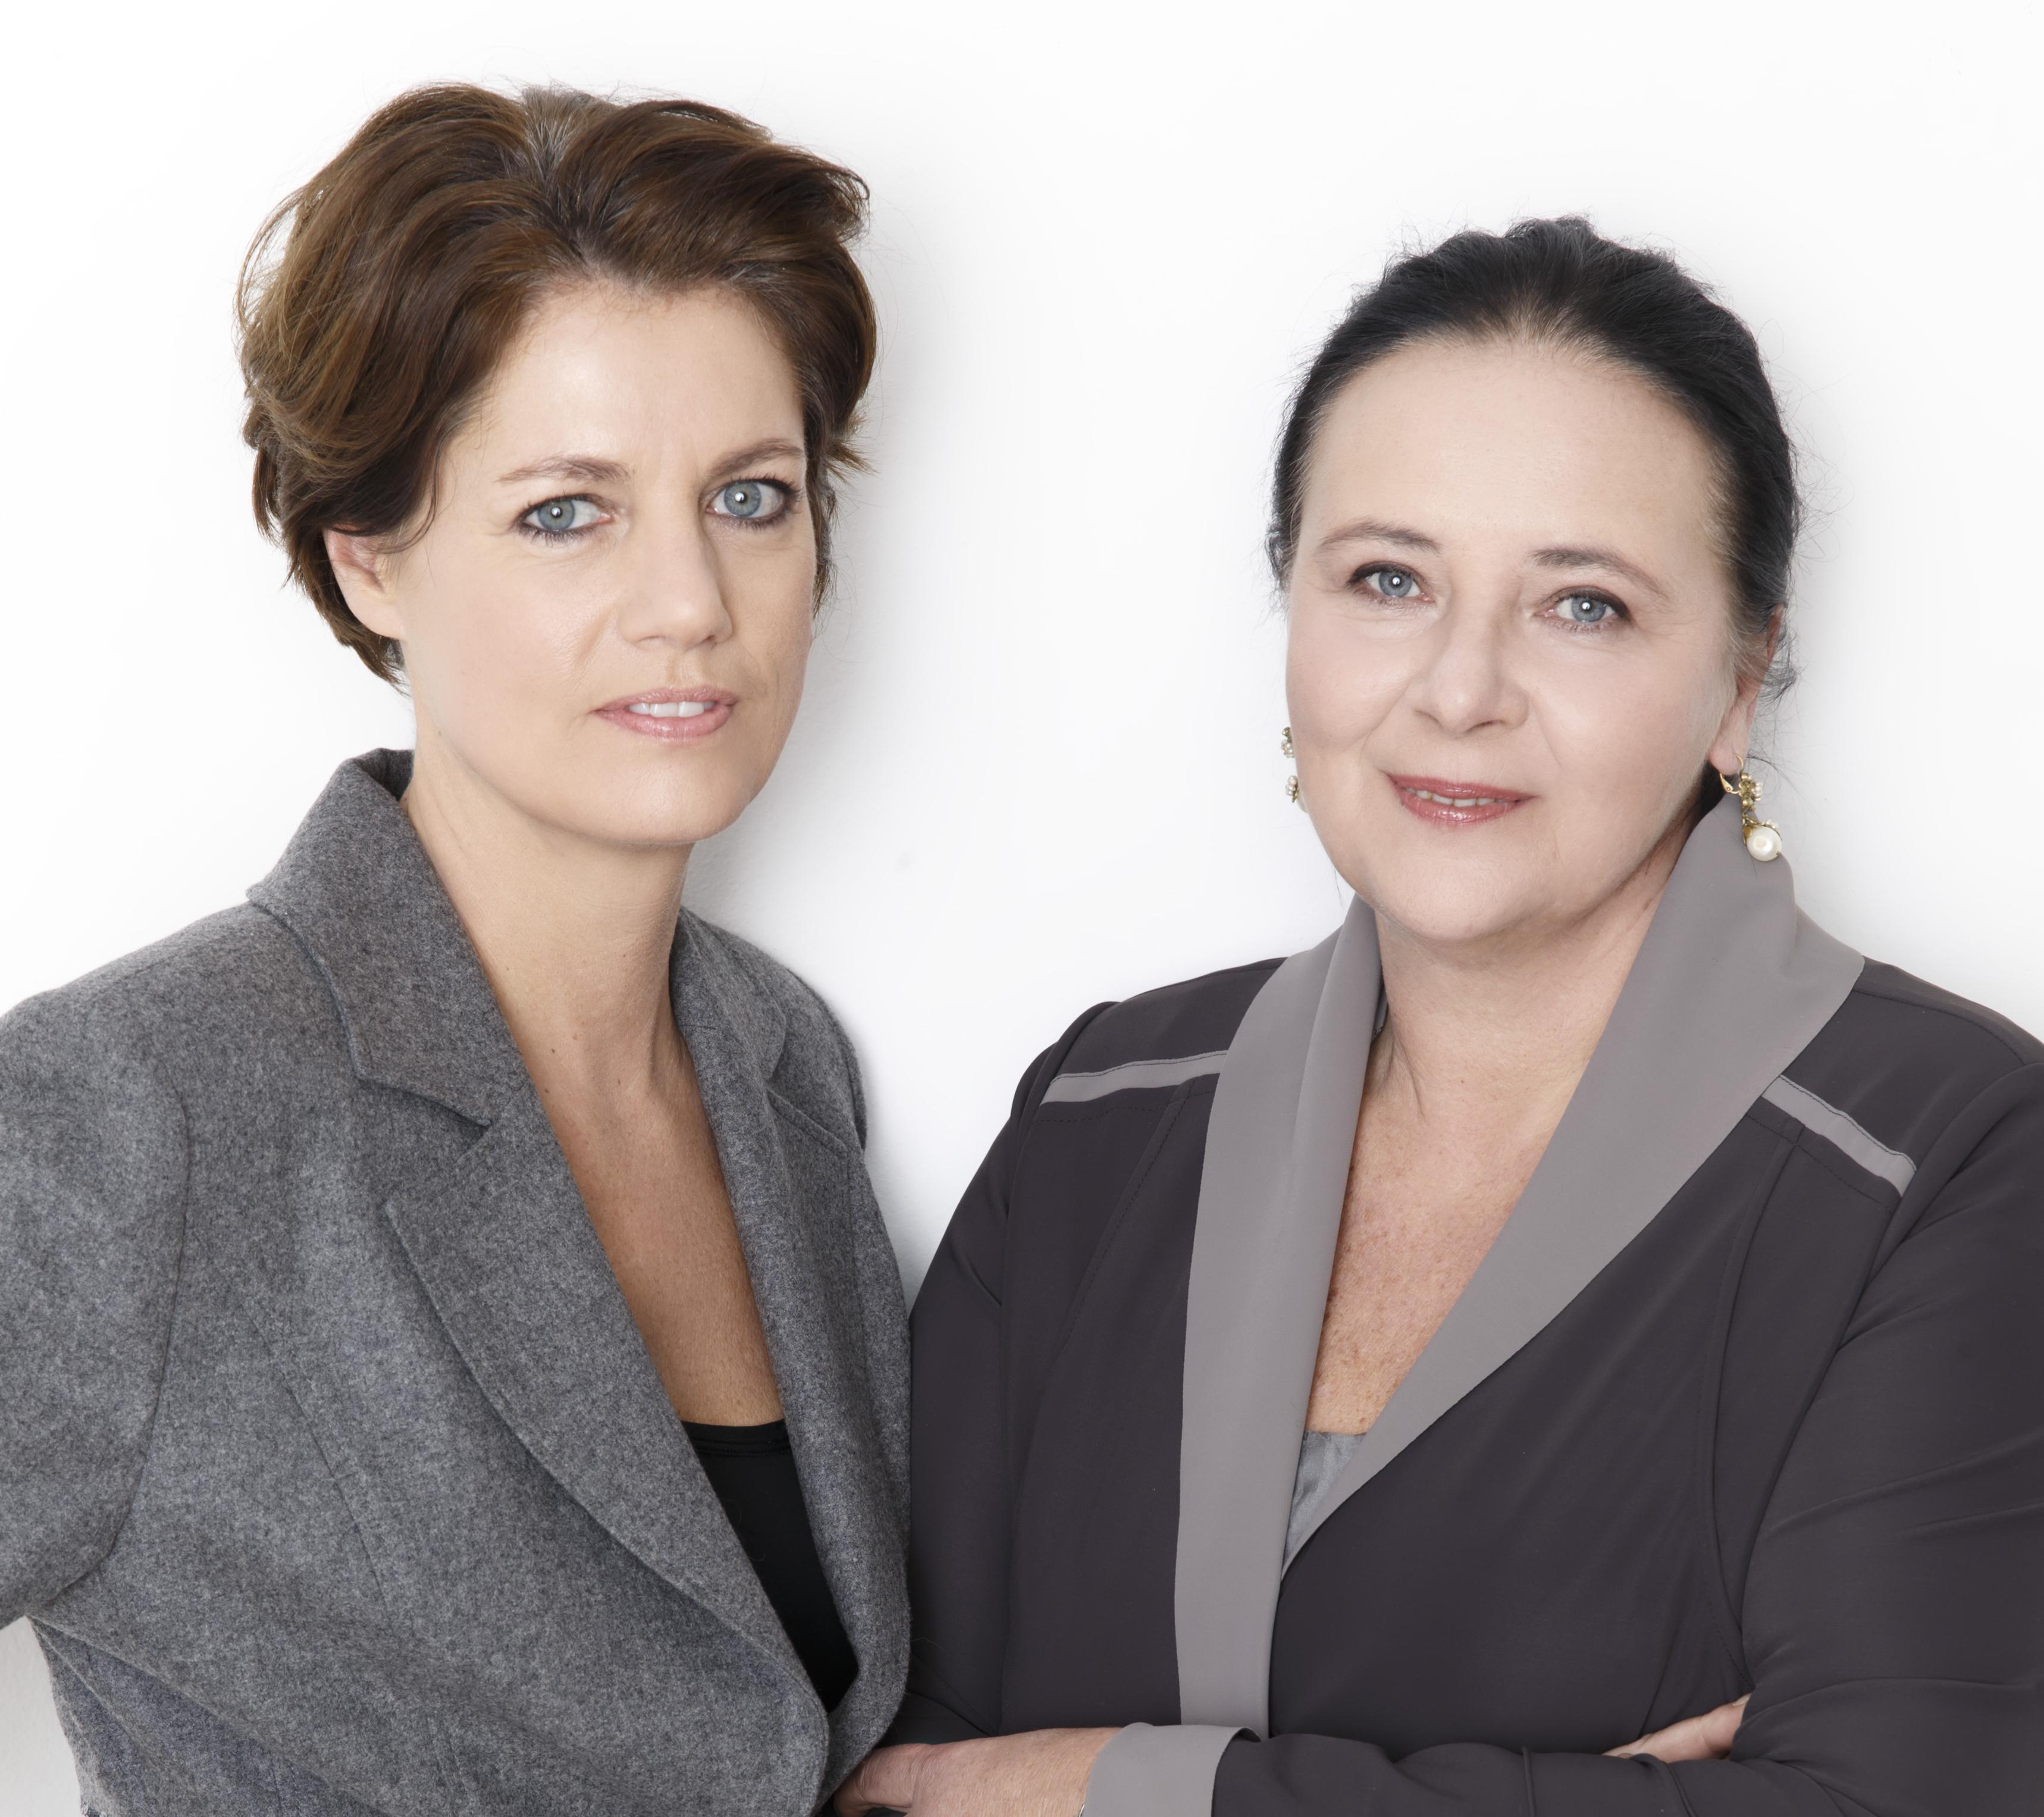 Martina Löwe und Doris Kiefhaber sind seit dem 1. Januar 2015 gemeinsam in der Geschäftsführung der Krebshilfe.